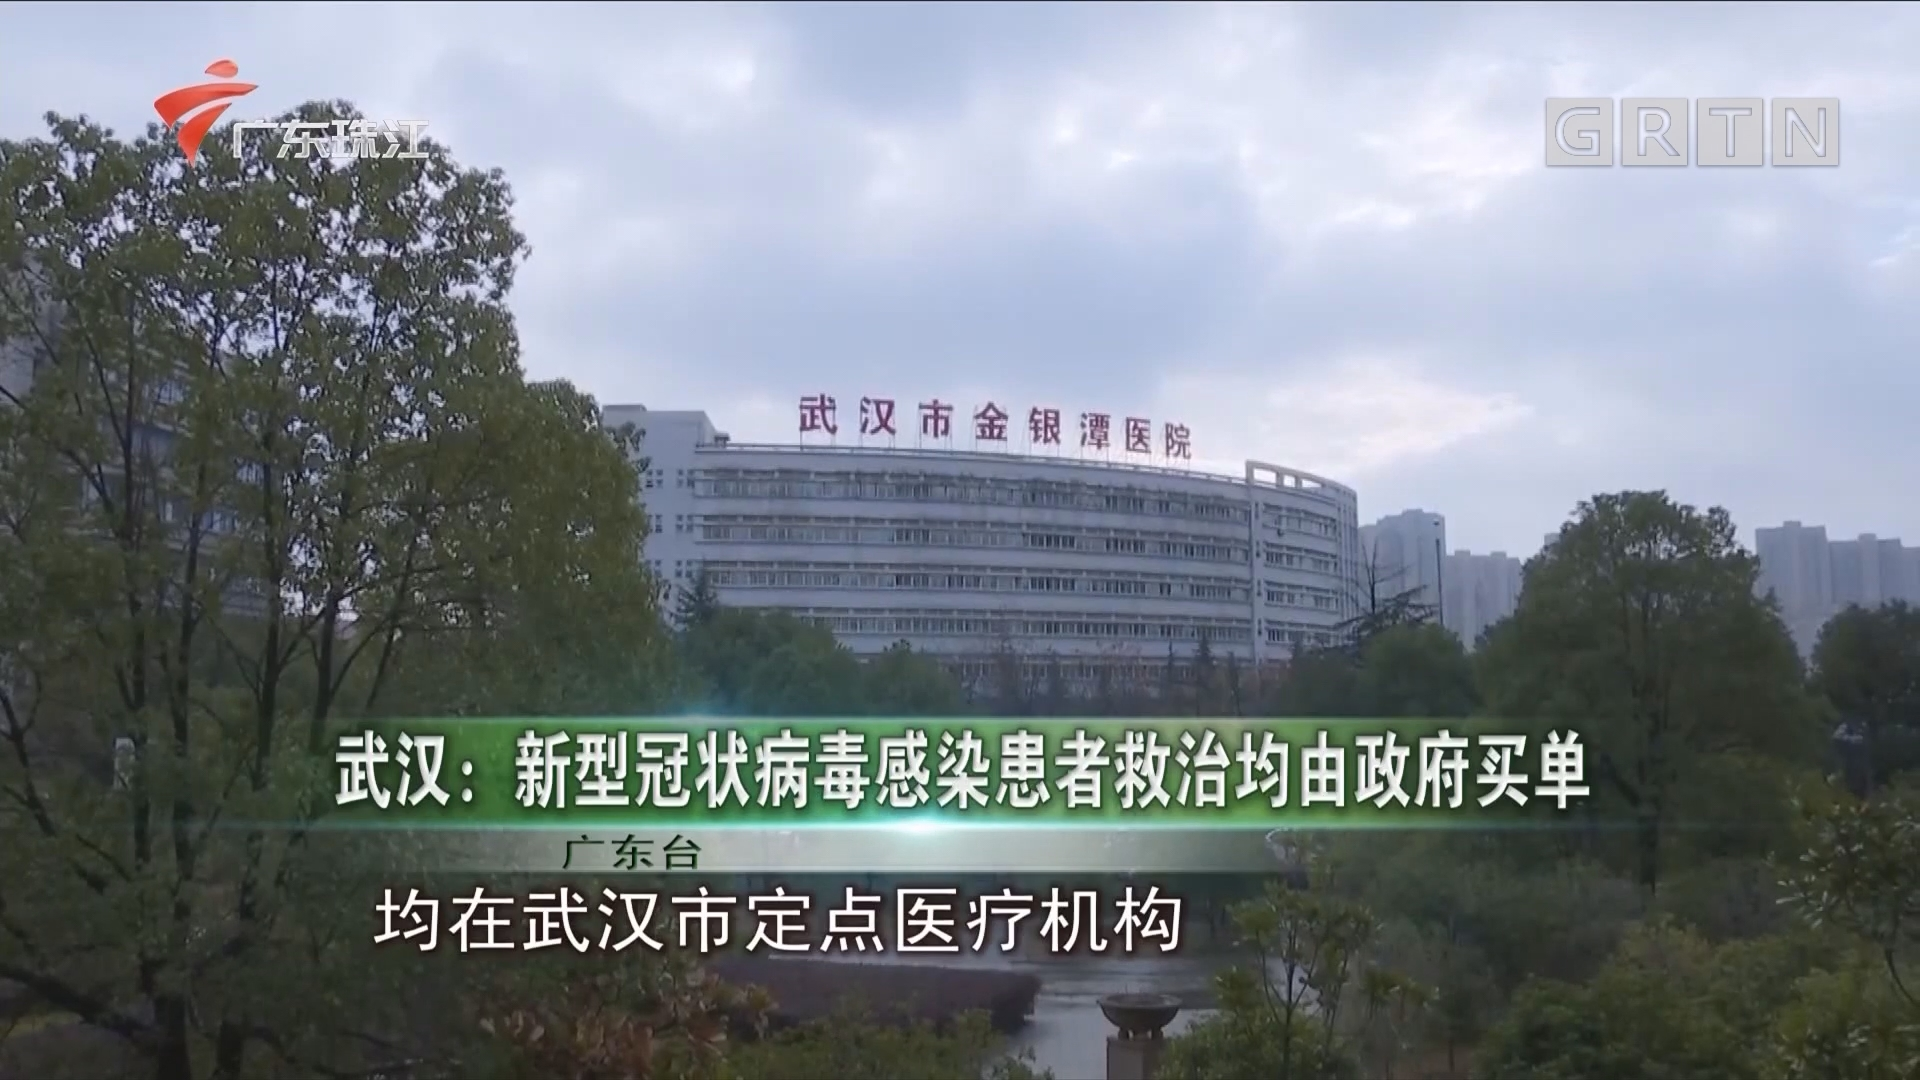 武汉:新型冠状病毒感染患者救治均由政府买单